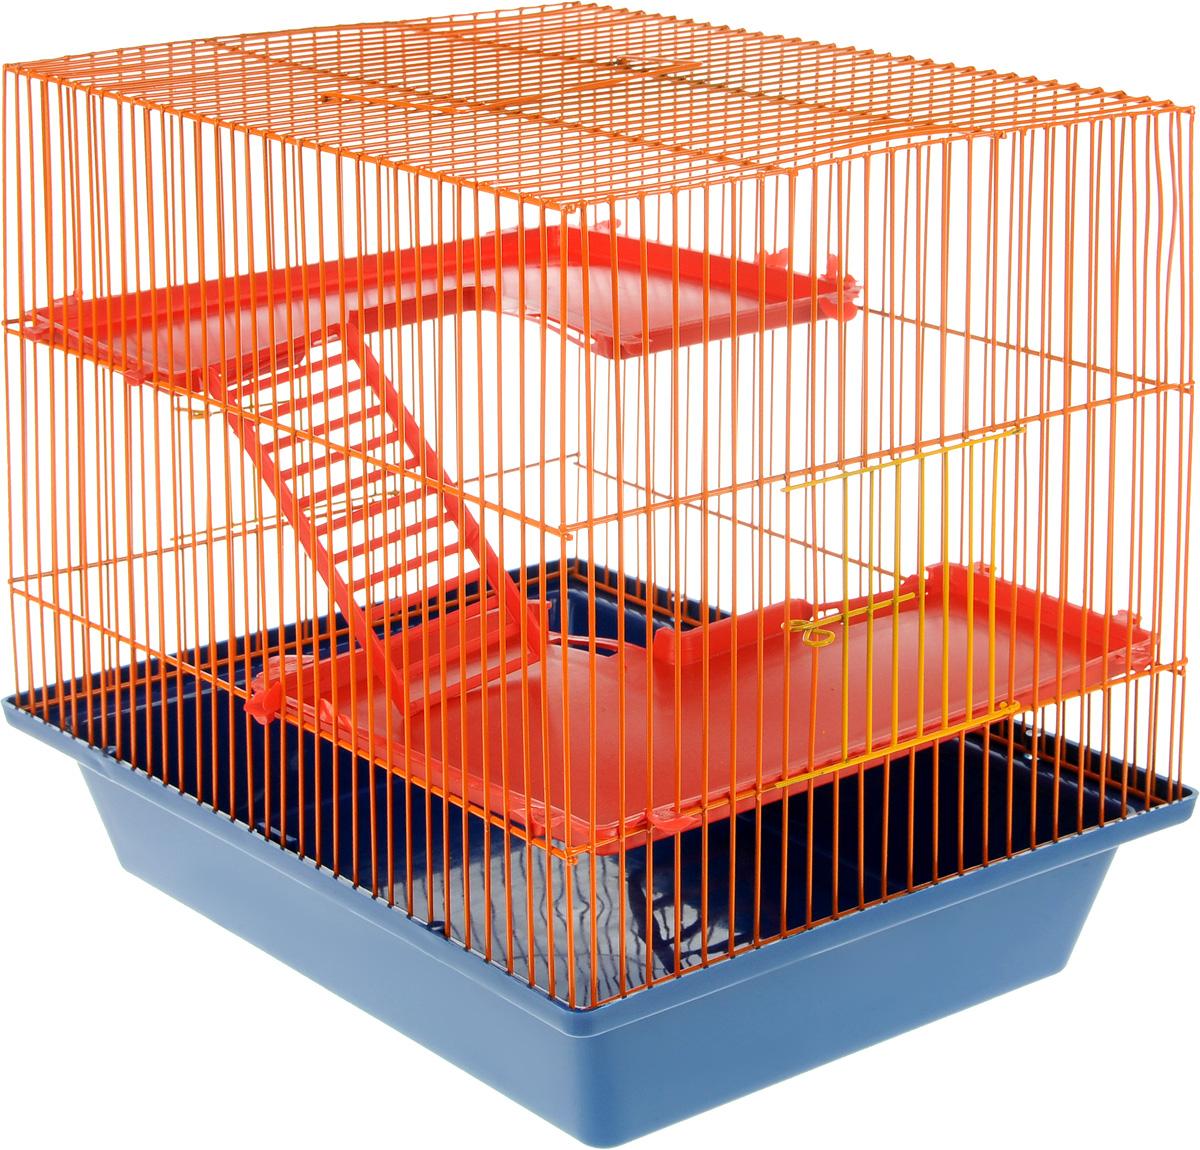 Клетка для грызунов ЗооМарк Гризли, 4-этажная, цвет: синий поддон, оранжевая решетка, красные этажи, 41 х 30 х 50 см0120710Клетка ЗооМарк Гризли, выполненная из полипропилена и металла, подходит для мелких грызунов. Изделие четырехэтажное. Клетка имеет яркий поддон, удобна в использовании и легко чистится. Сверху имеется ручка для переноски. Такая клетка станет уединенным личным пространством и уютным домиком для маленького грызуна.